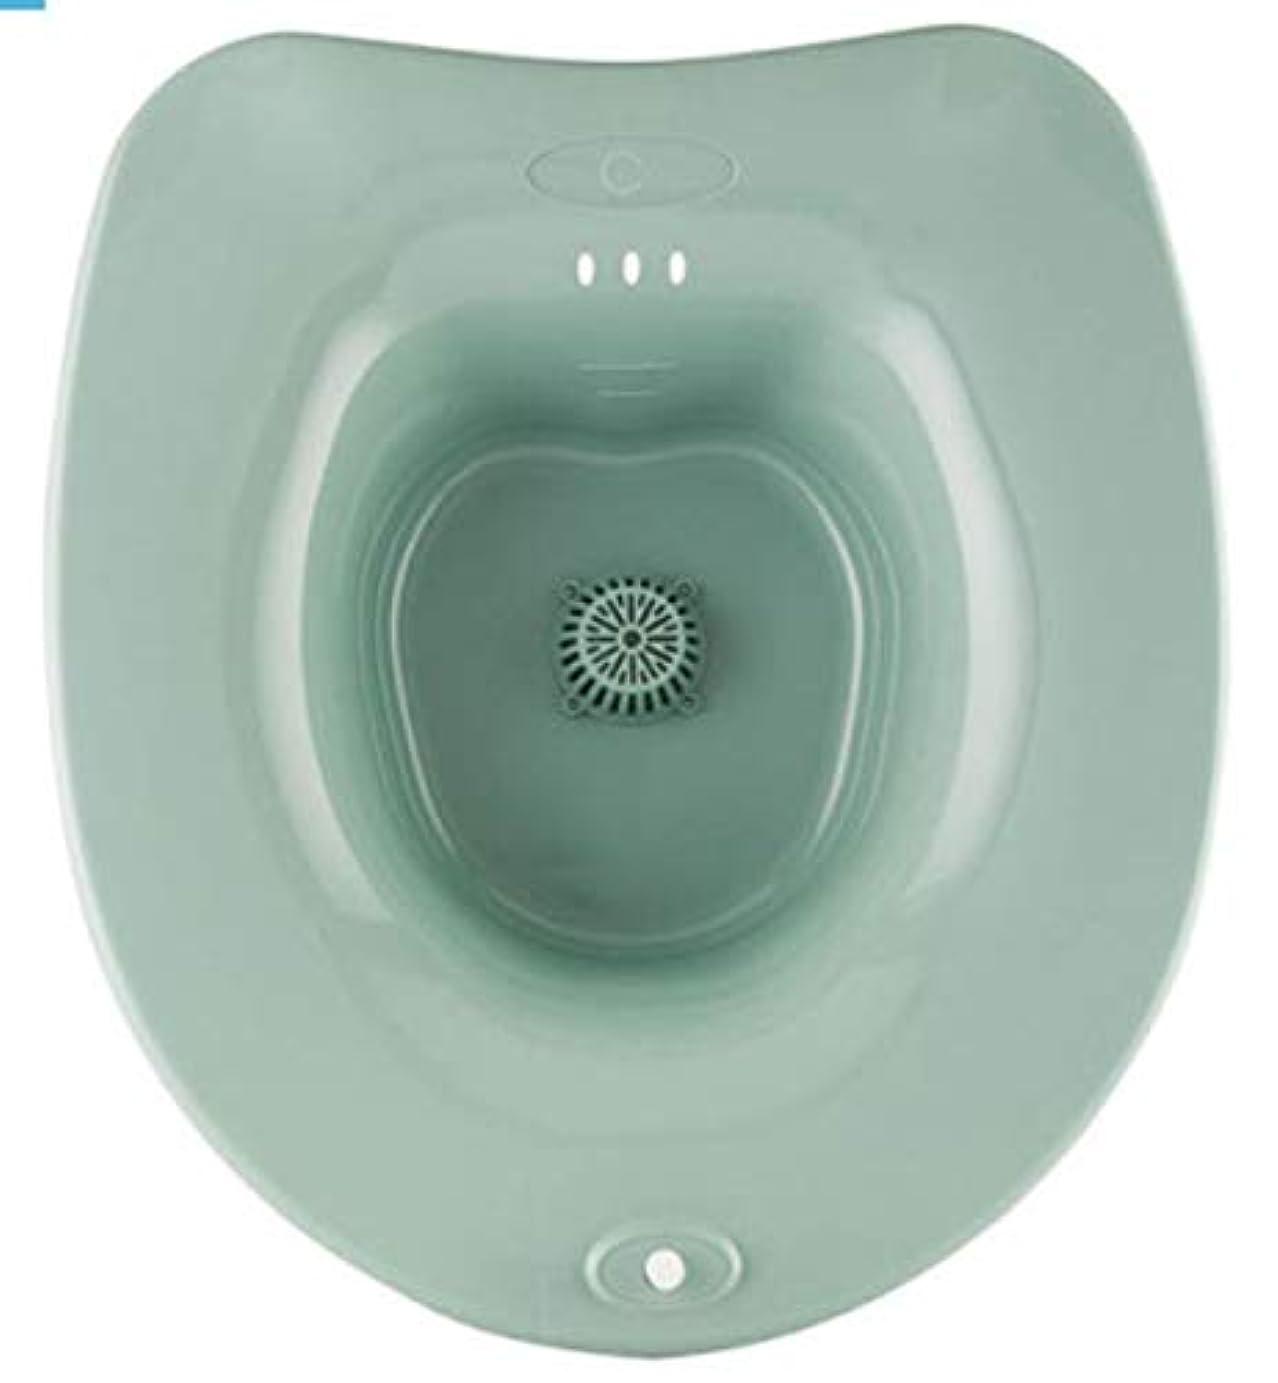 症候群必要性どうやって医師から座浴をお勧められた時、コードレス自動バブルお尻の座浴器、子宮健康、痔の悩み清潔、、、